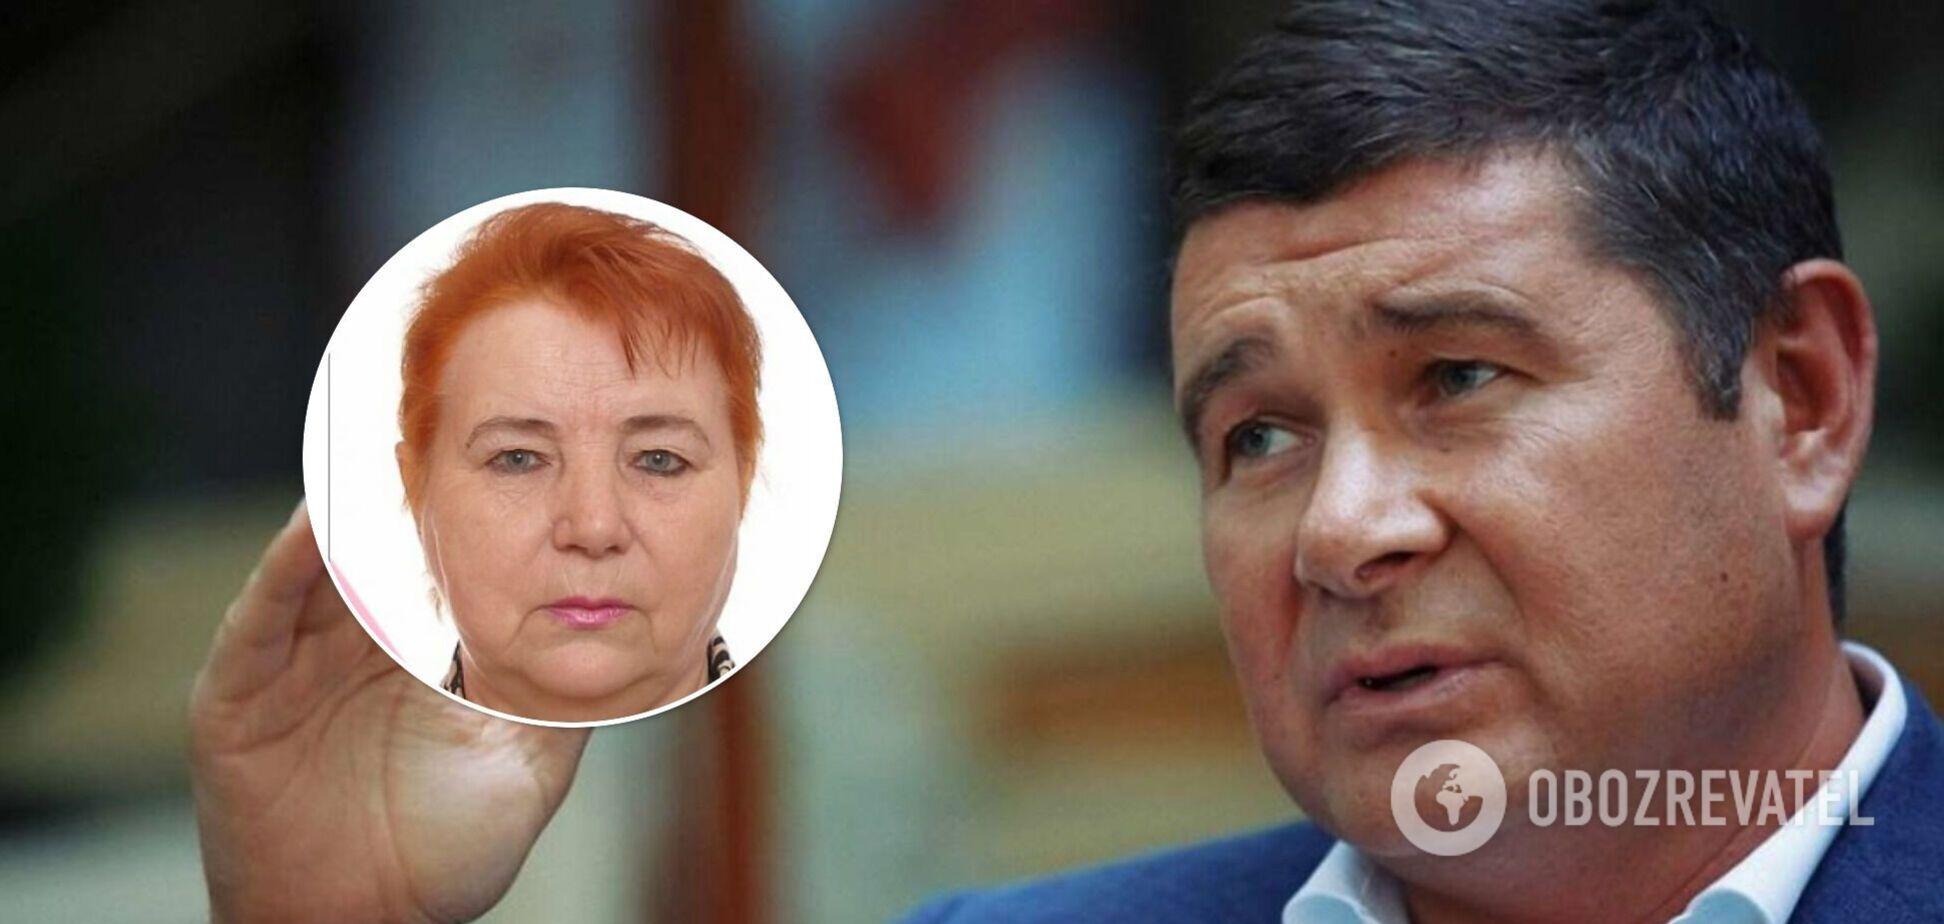 Екснардеп-утікач Онищенко повідомив про смерть матері: вона була фігуранткою 'газової справи'